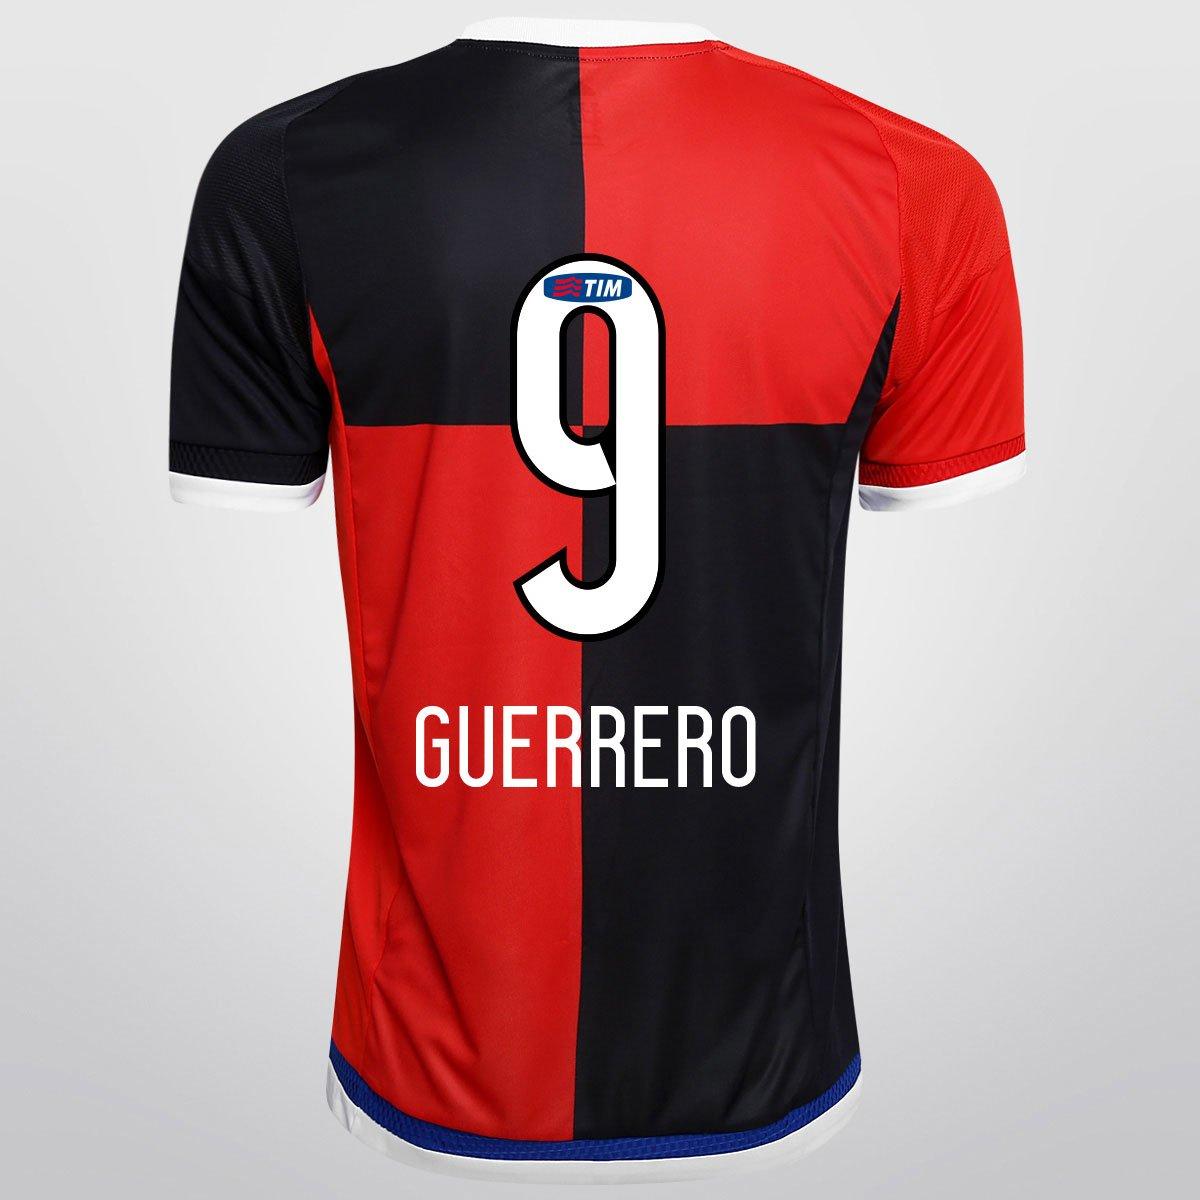 Camisa Adidas Flamengo 450 Anos nº 9 - Guerrero - Compre Agora ... 07abff85a4842